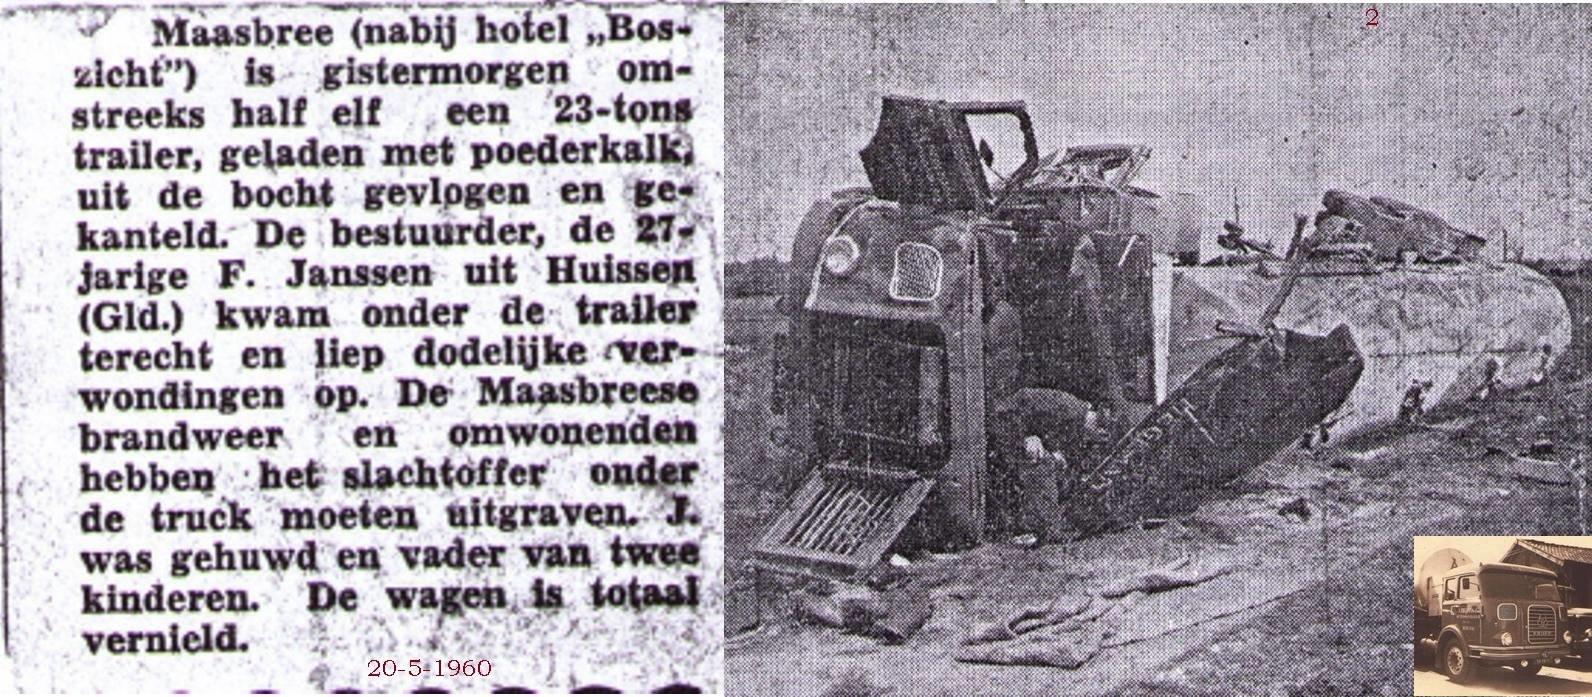 NR-7-zwarte-dag-20-5-1960-Wim-Janssen-uit-Huizen-27-jaar-oud-in-Maasbree-met-de-Krupp